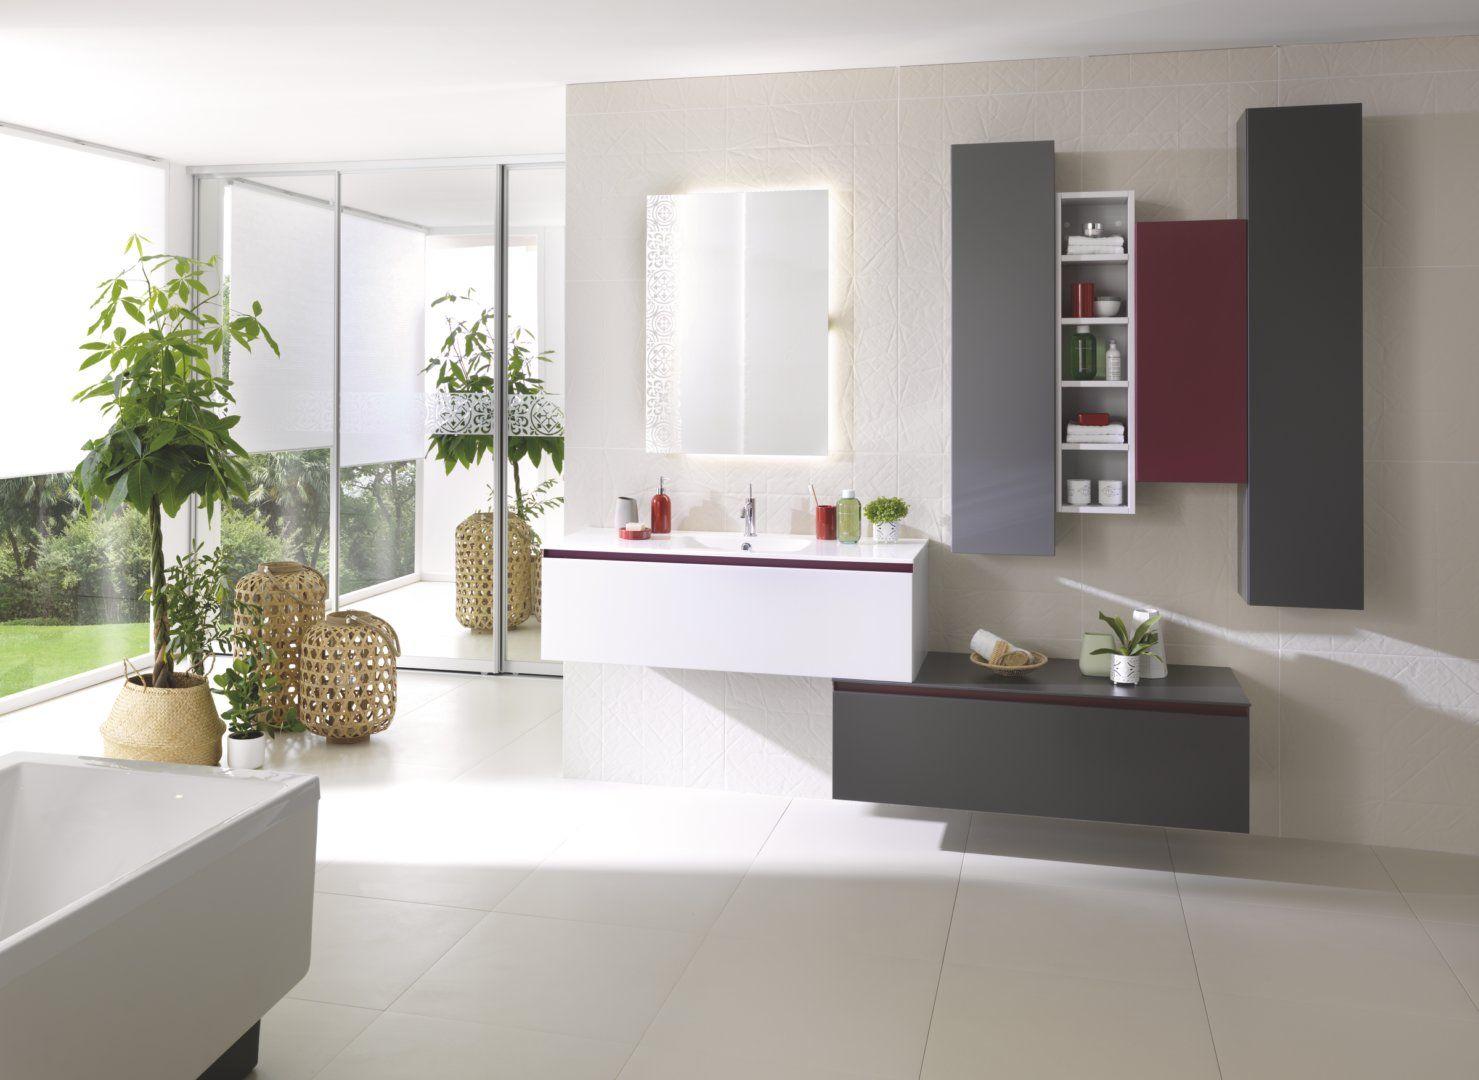 Magasin Schmidt Salle De Bain ~ salle de bains design et contemporaine sur mesure schmidt salle